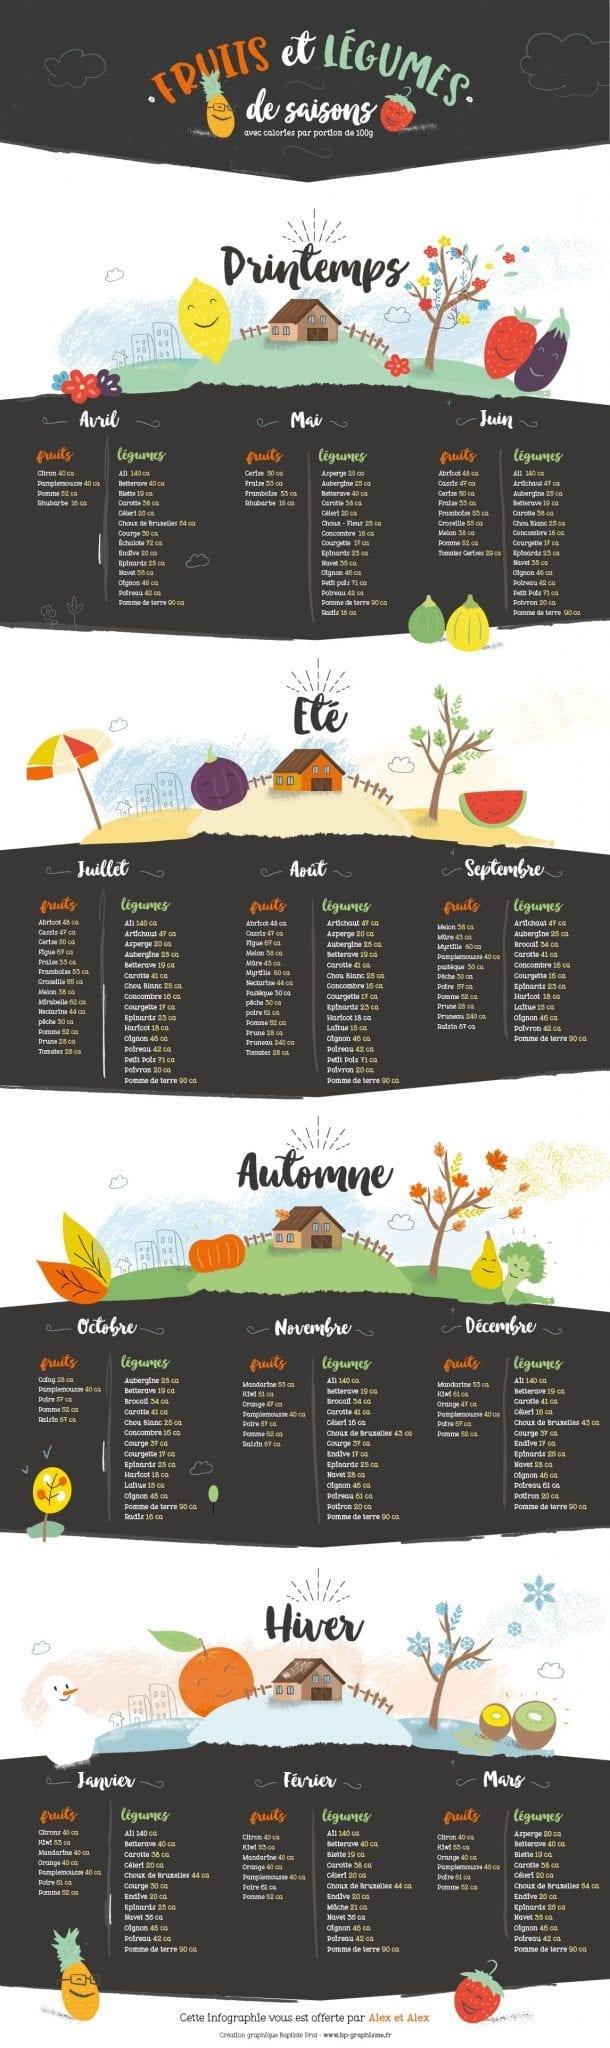 Calendrier des fruits et légumes de saisons. Infographie du calendrier.